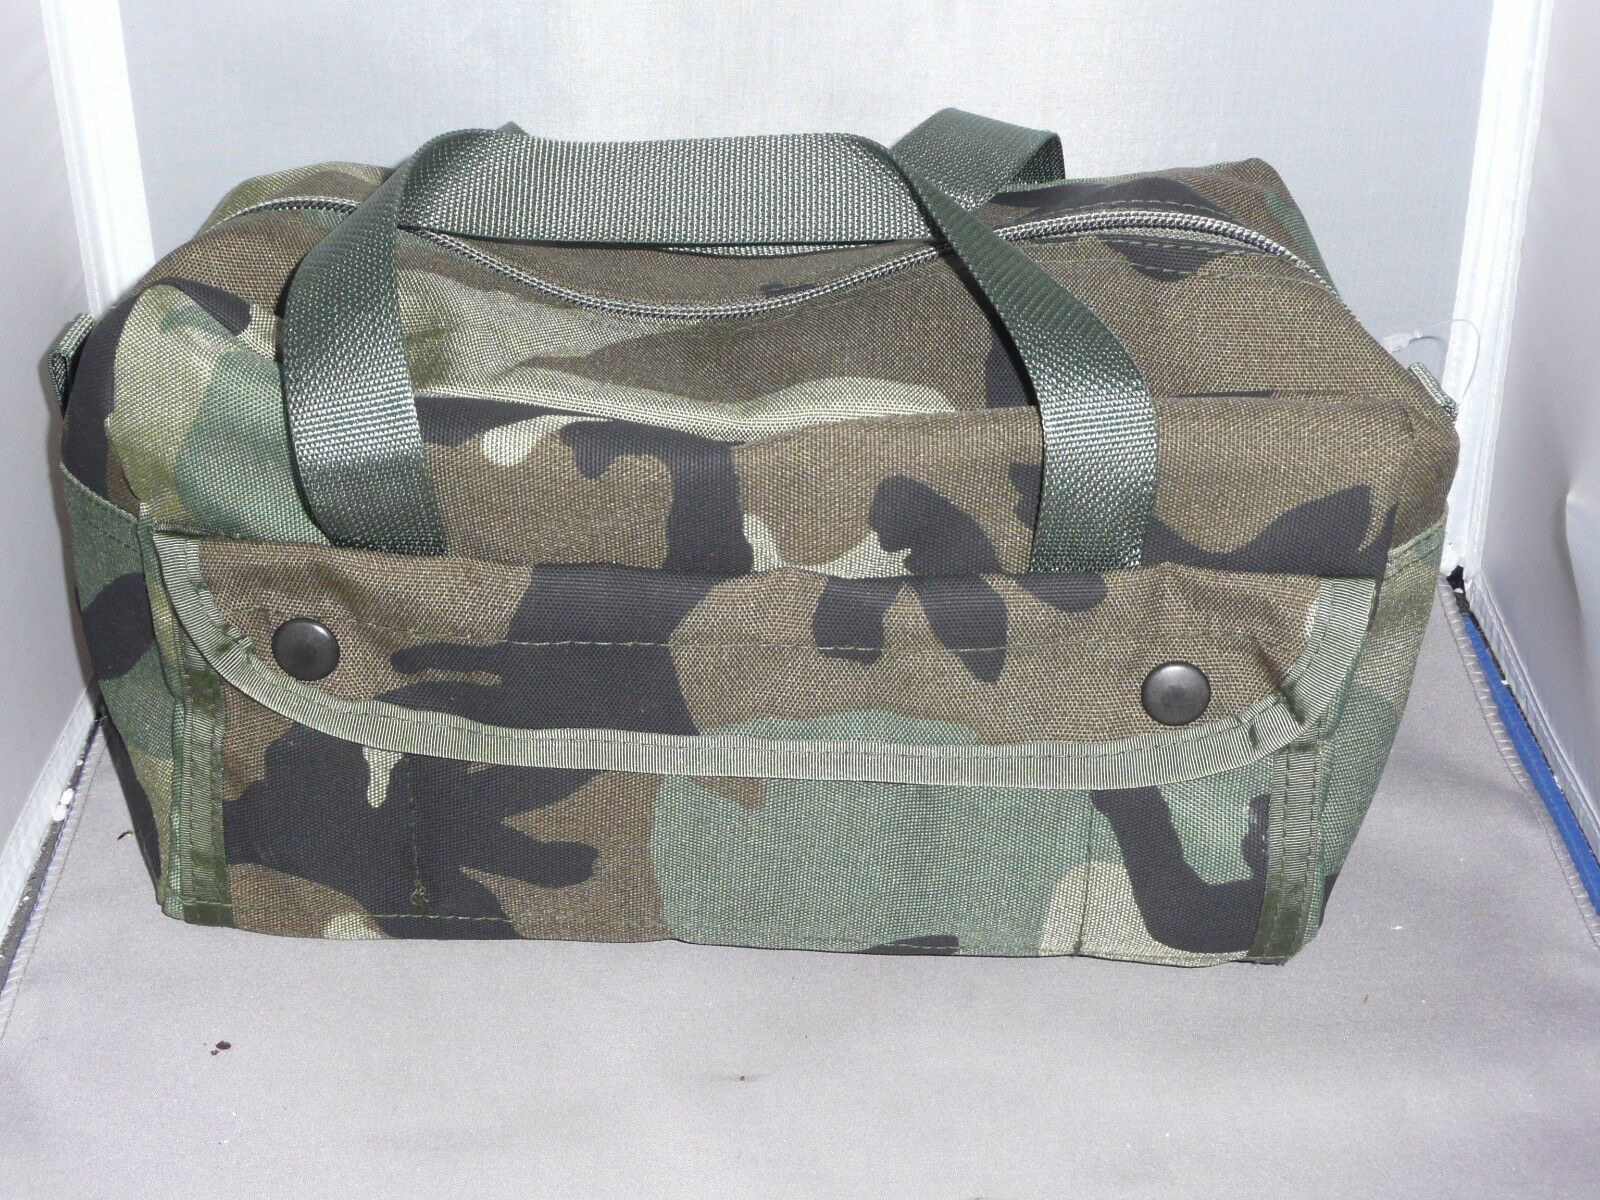 DAY BAG  Bugout Bag  First Aid Kit Bag TOOL BAG   Range Bag